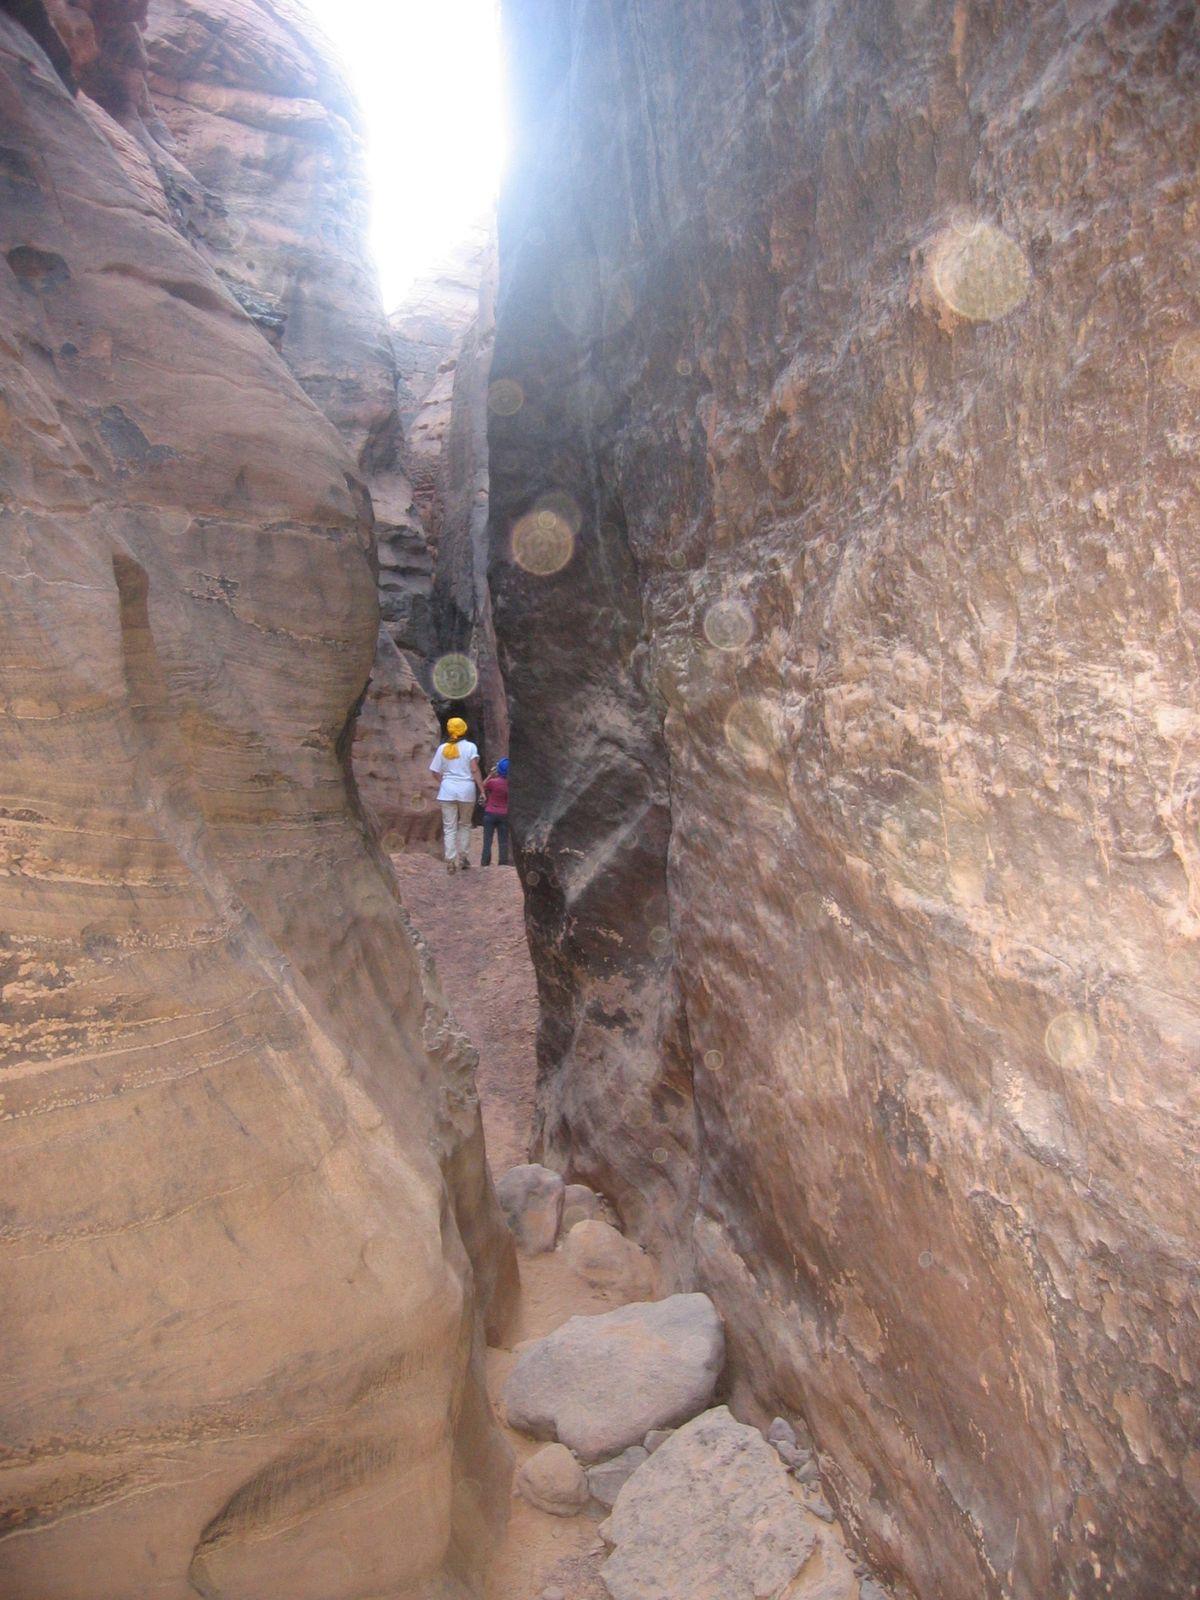 """AU SUD DE DJANET, UN MASSIF QUI PARTICIPE AU QUALIFICATIF DU DESERT ALGERIEN : """"le plus beau désert du monde"""". DUNES ET ROCHERS OFFRENT UNE GAMME DE COULEURS SANS CESSE RENOUVELEE AU FIL DU PARCOURS DU SOLEIL"""